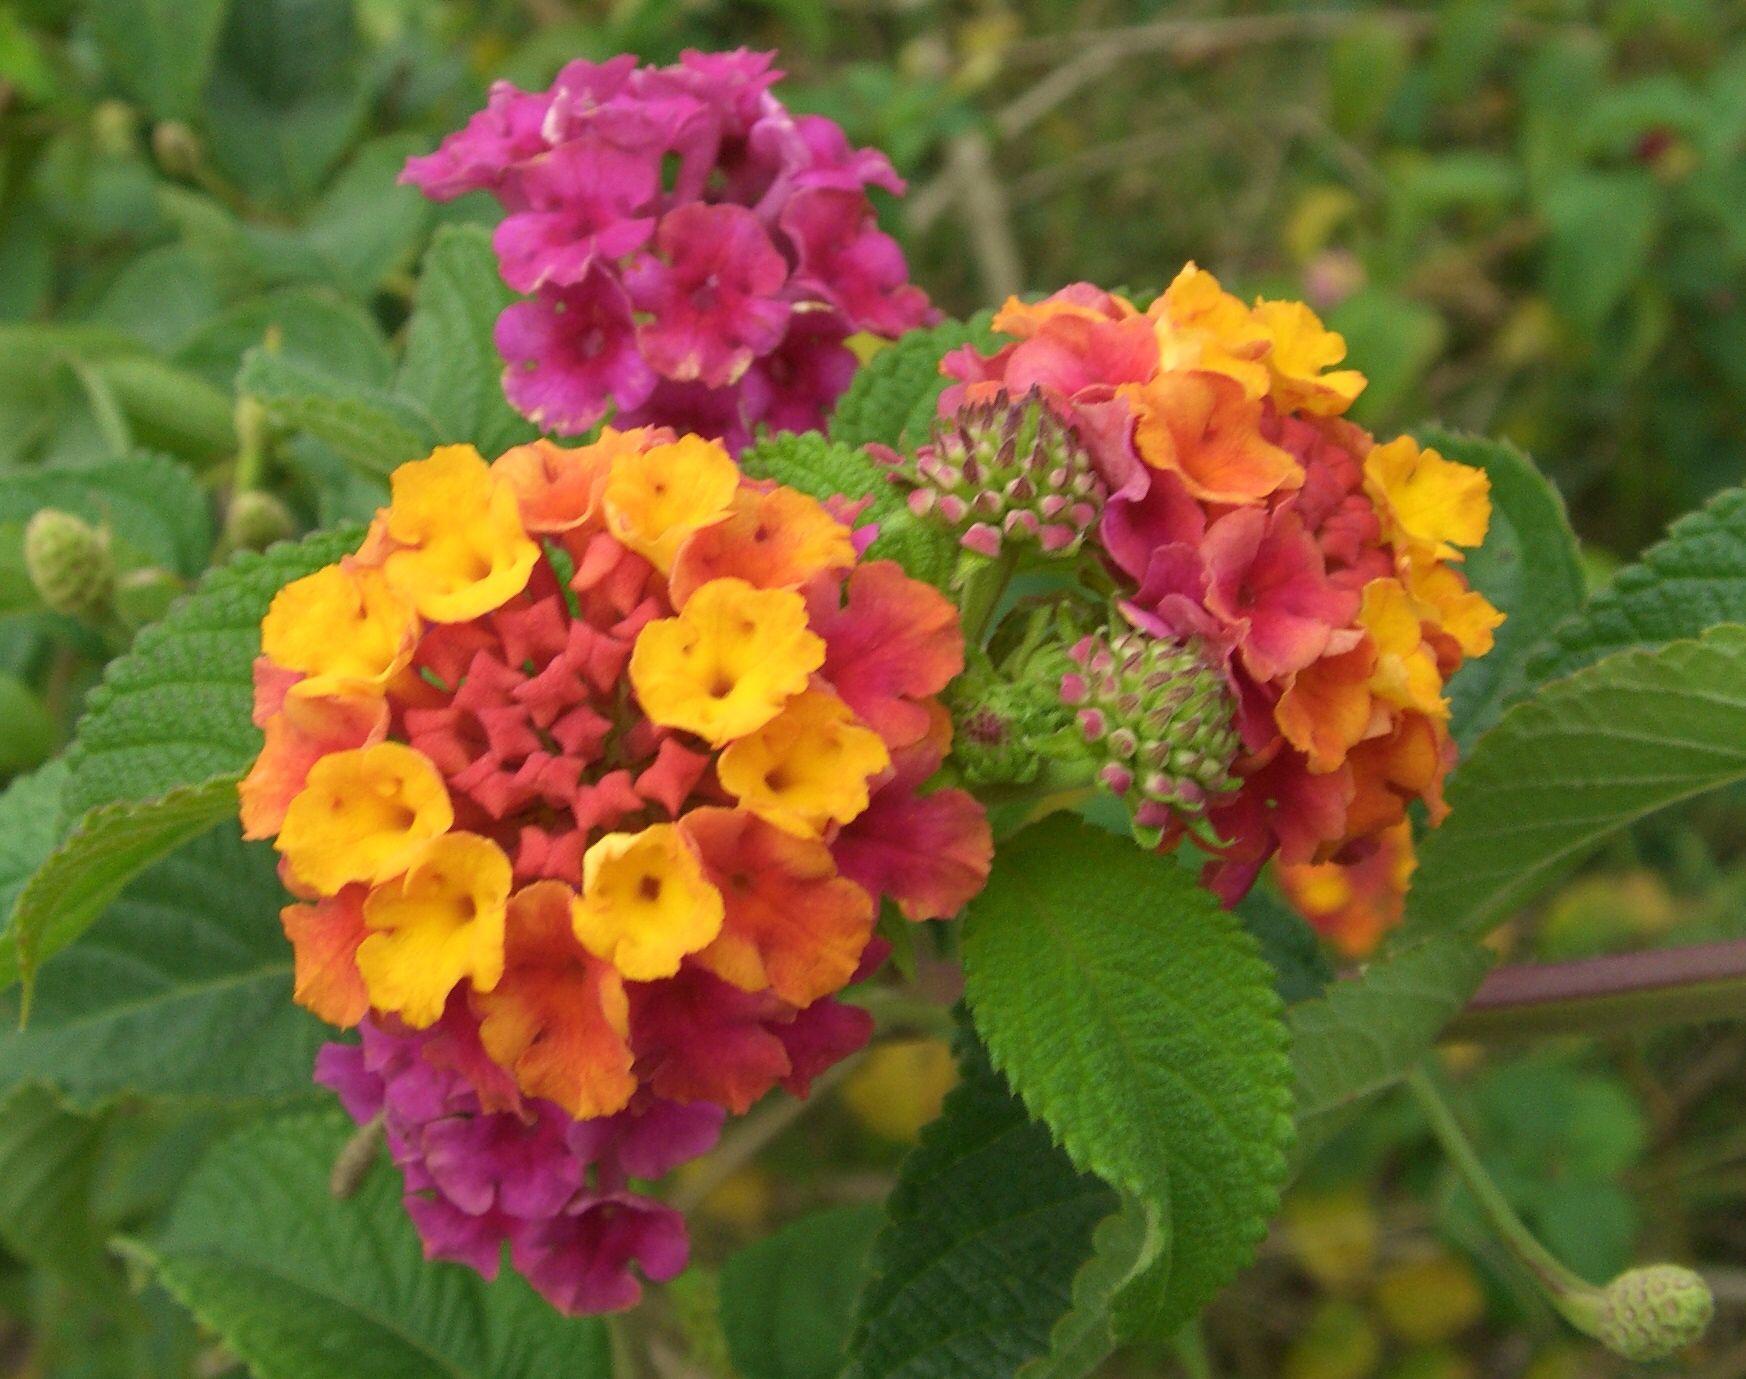 Image from https://upload.wikimedia.org/wikipedia/commons/c/c3/Lantana_camara_flowers_2.JPG.